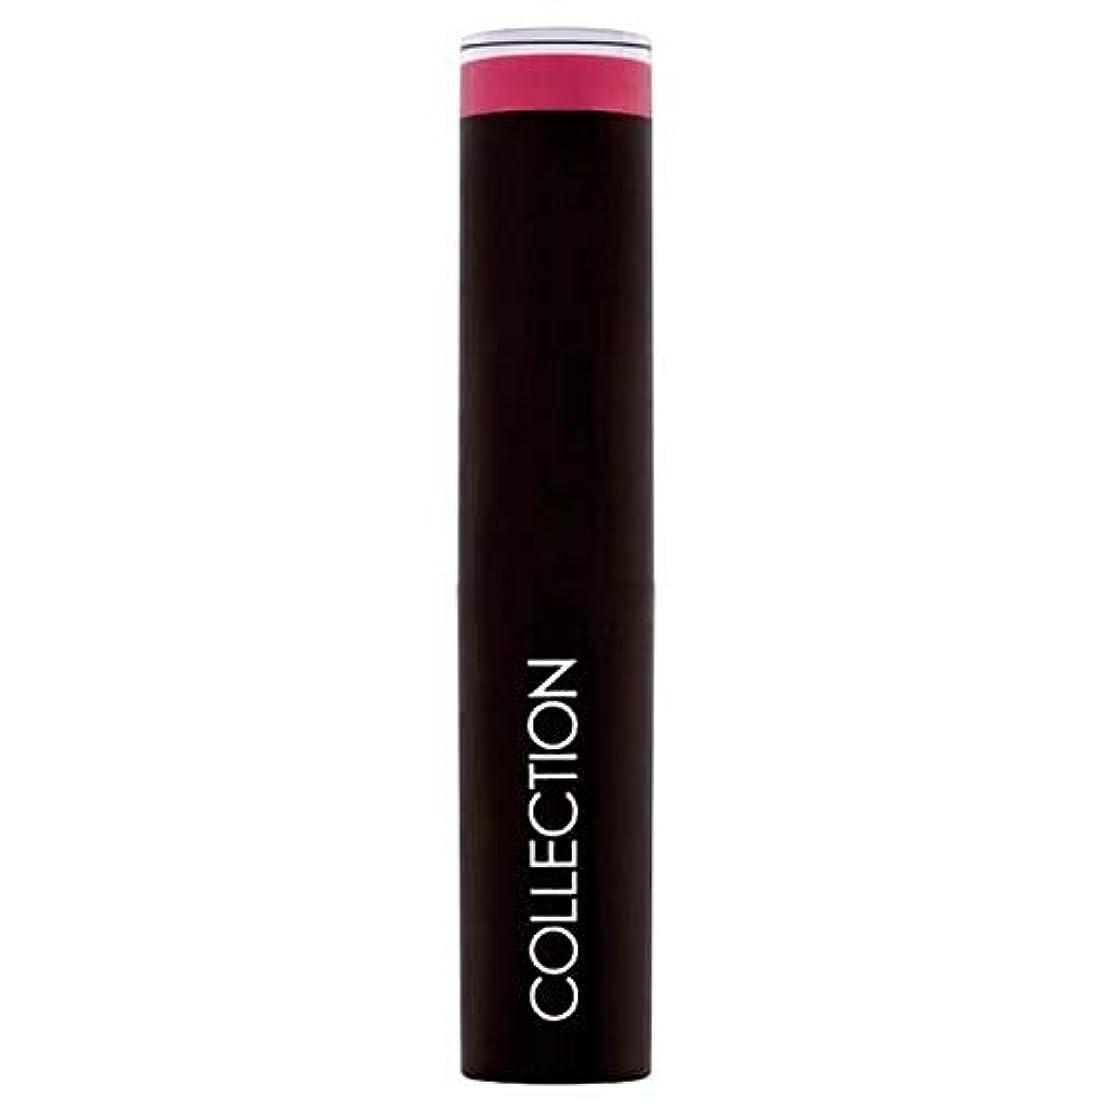 ご意見移動する光沢[Collection ] コレクション強烈な輝きゲル口紅桑バースト4 - Collection Intense Shine Gel Lipstick Mulberry Burst 4 [並行輸入品]